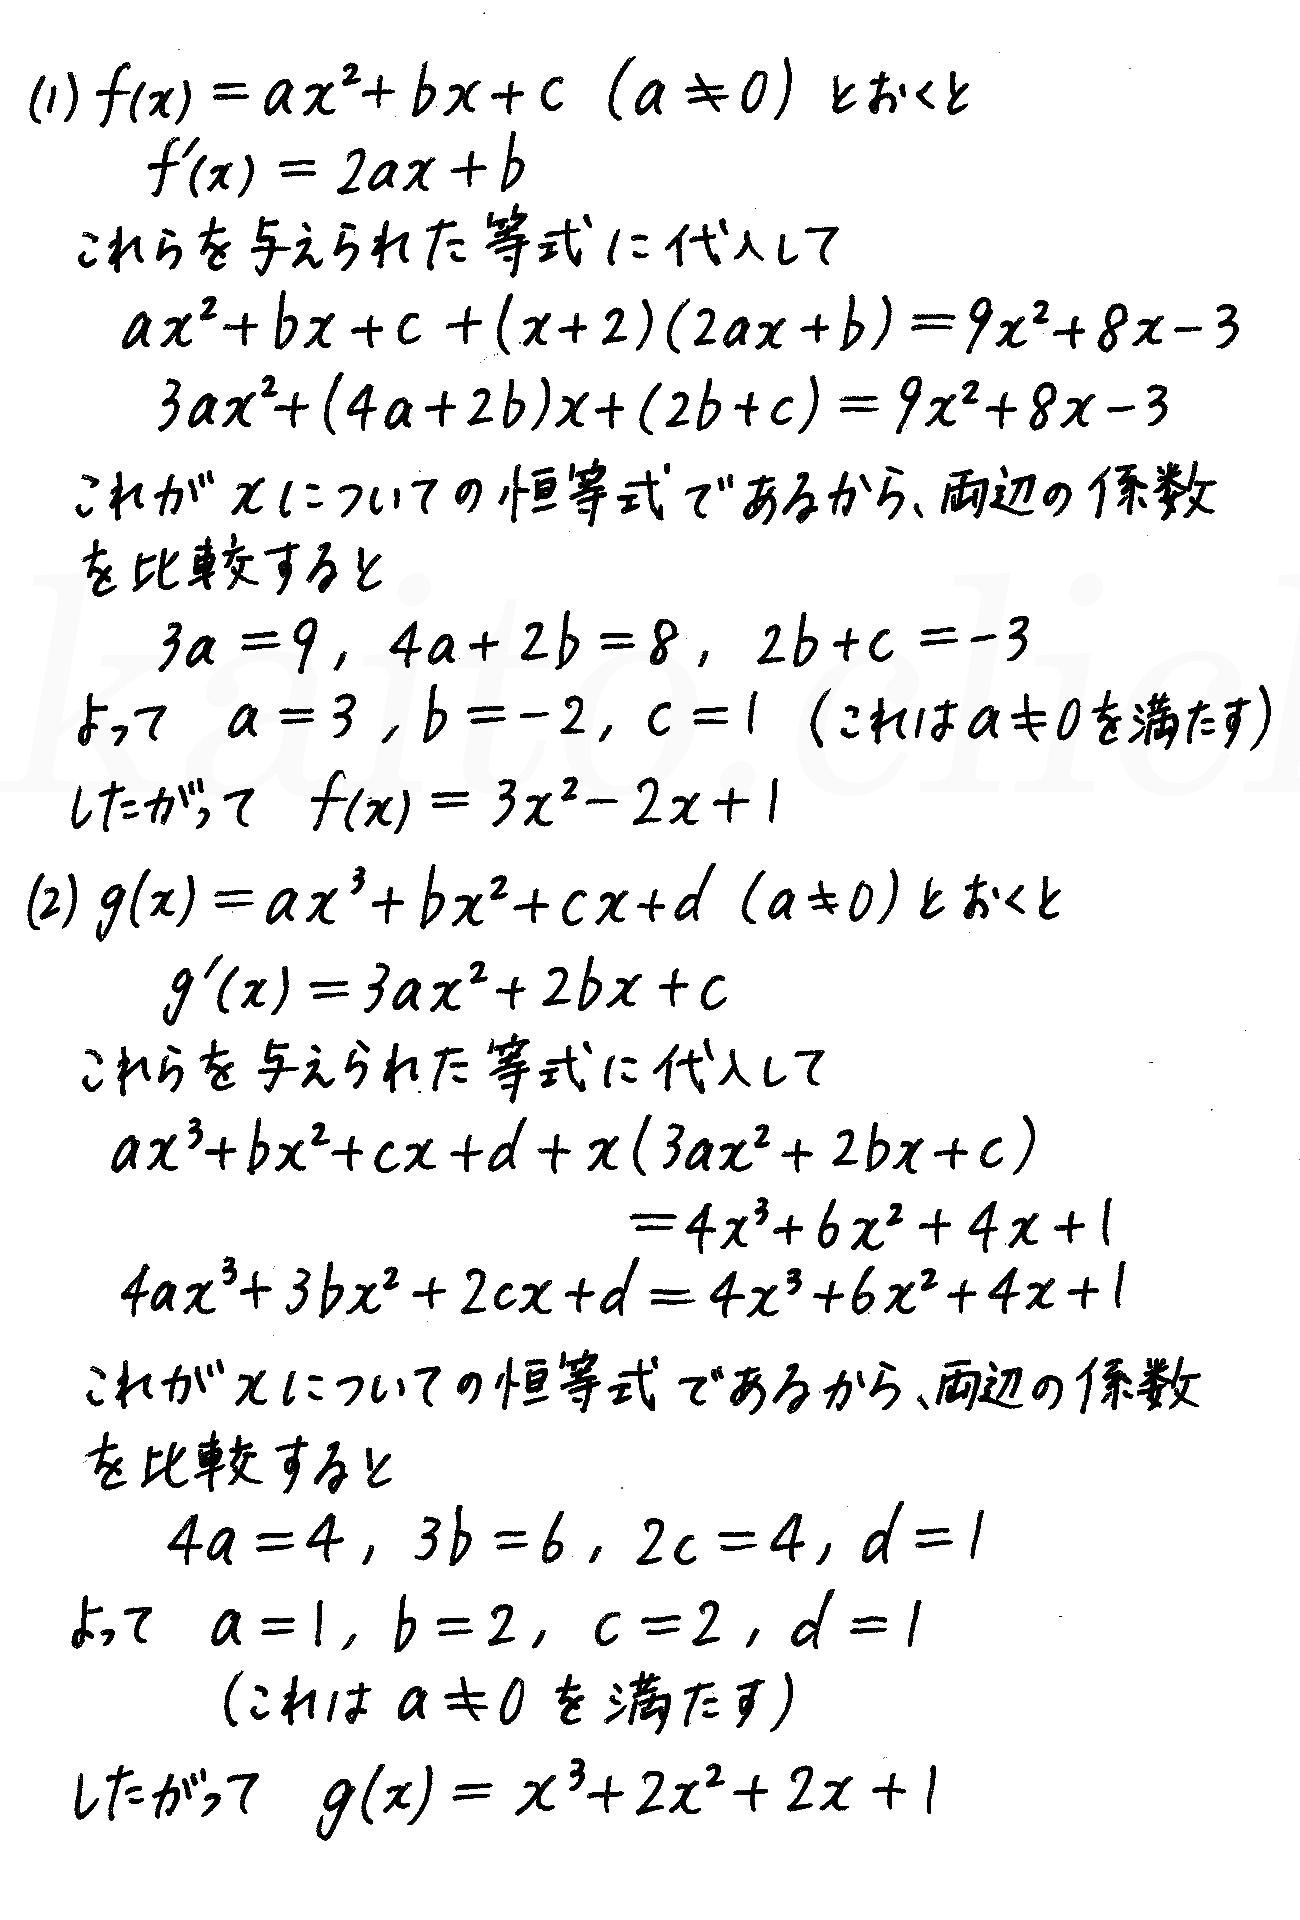 4STEP数学2-408解答